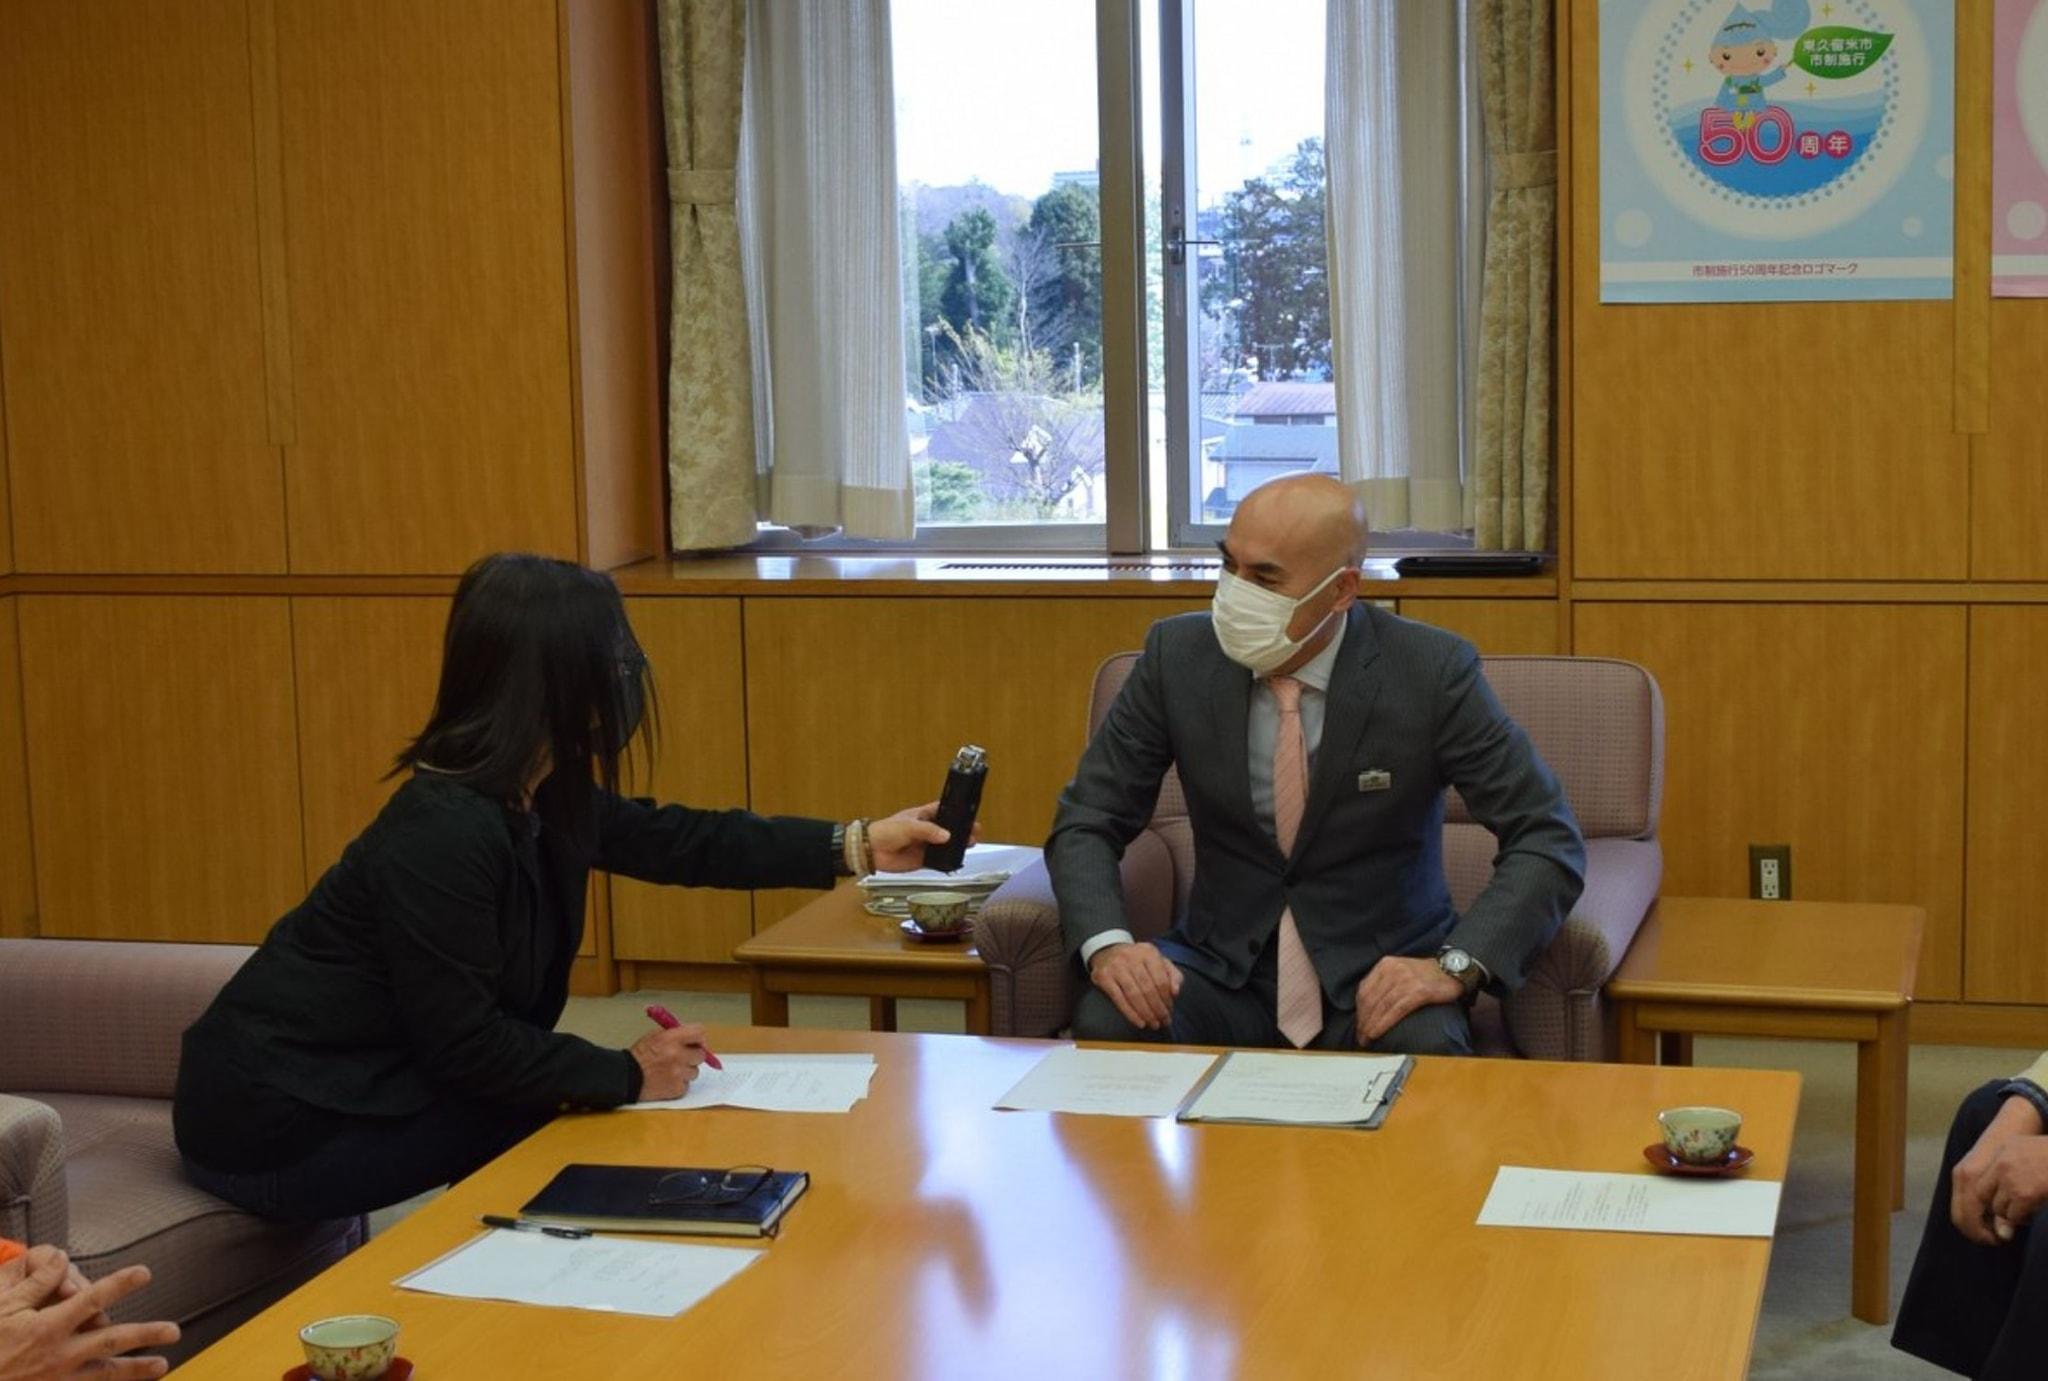 並木市長の「新型コロナウイルスに関するメッセージ」を放送します